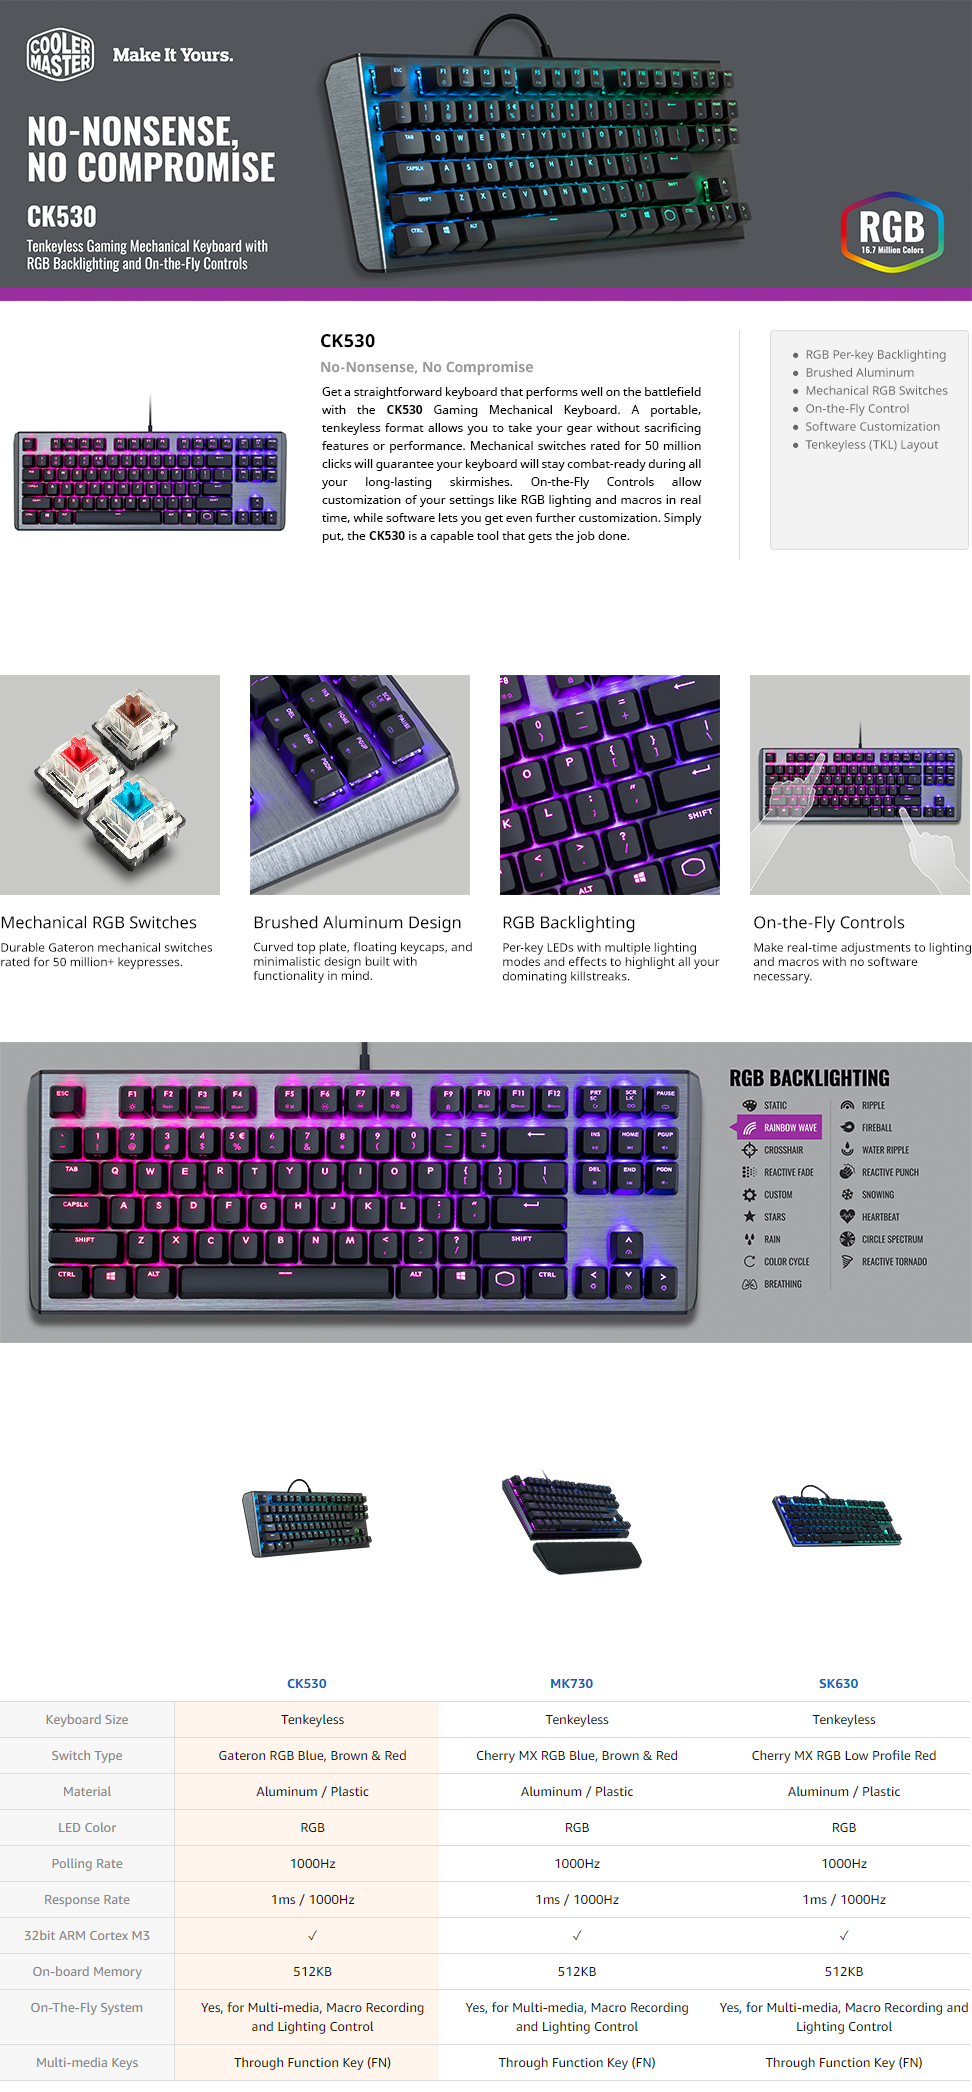 Cooler Master CK530 Gateron RGB Mechanical Gaming Keyboard with Software  Customization (TKL Layout / 87 Keys)